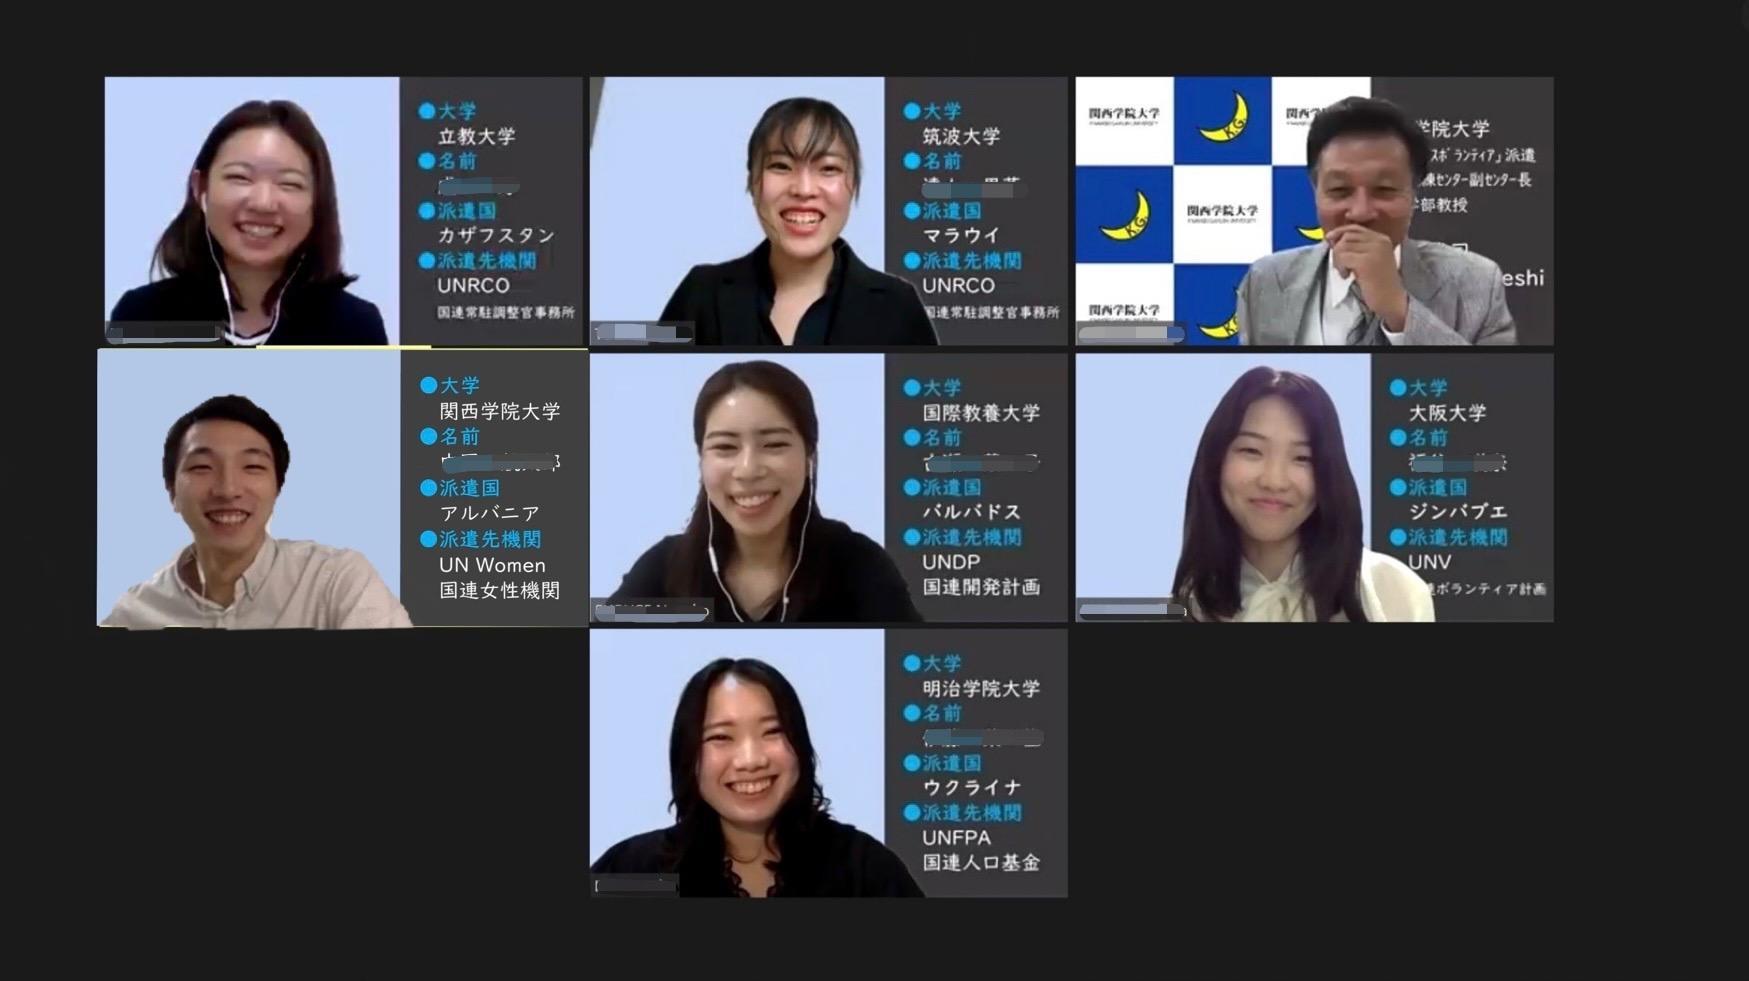 関西学院大学 オンラインで「国連ユースボランティア」帰国報告会を開催~約180人が聞き入るなか、6名が体験を報告